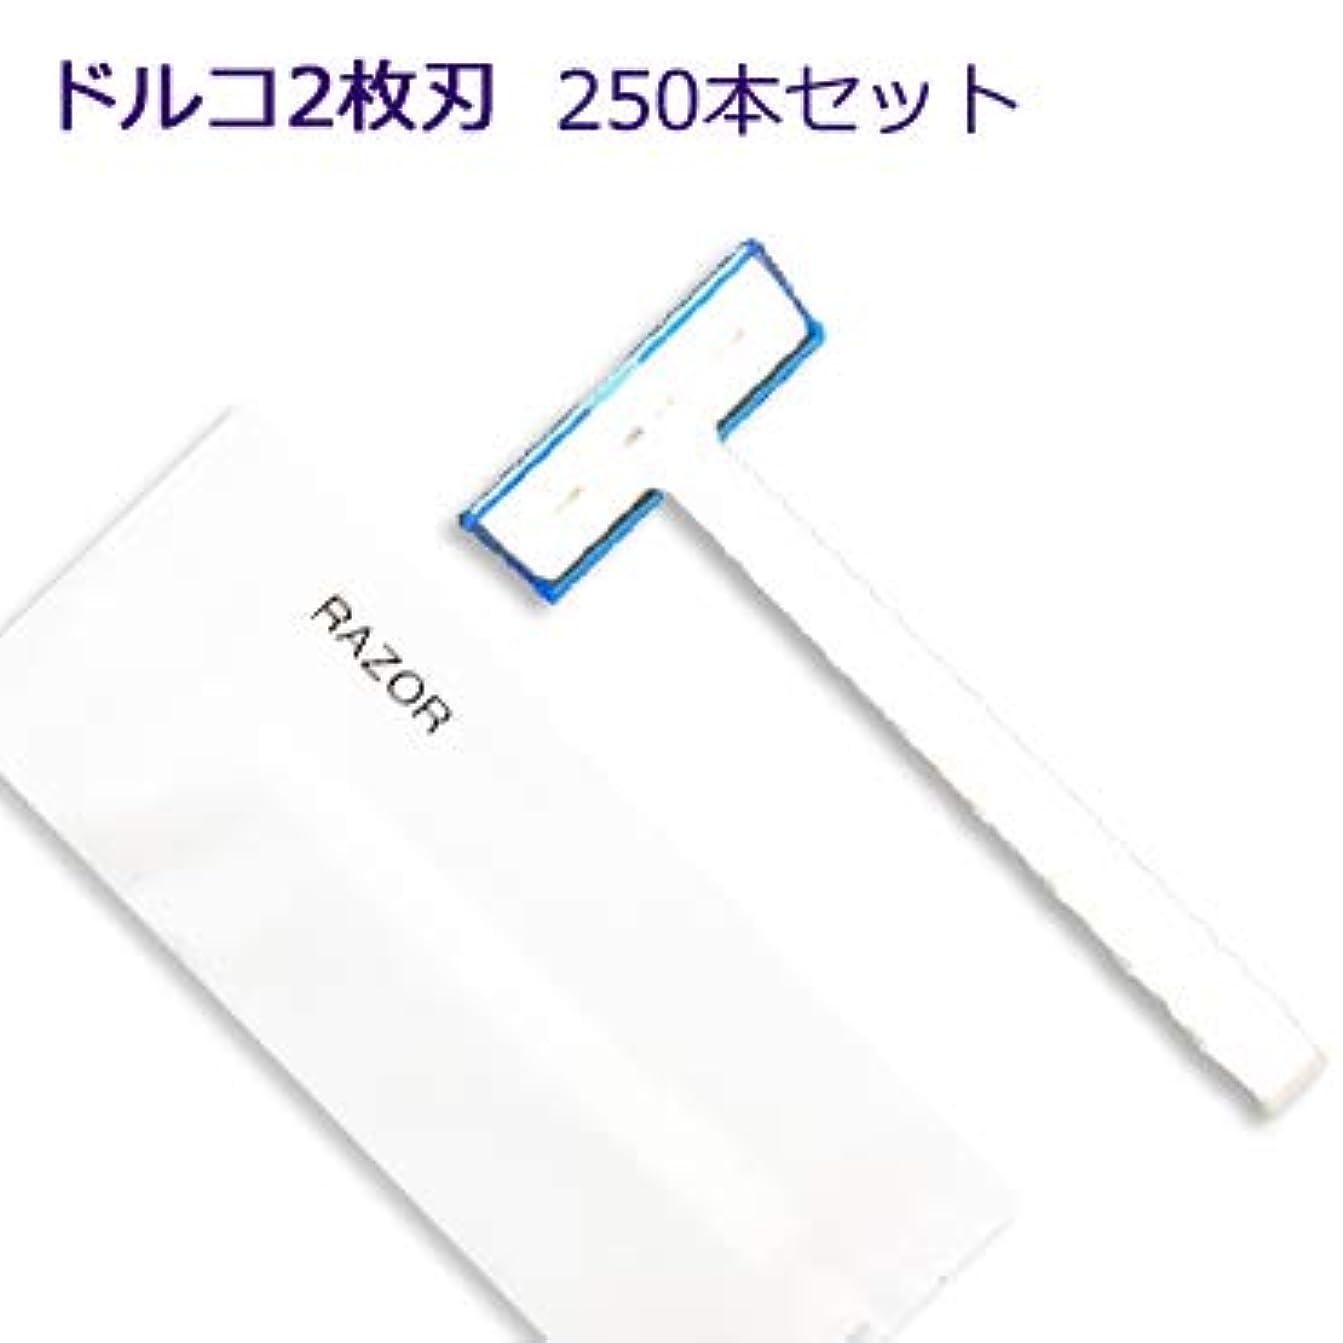 ええチェリーマンハッタンホテル業務用 カミソリ マットシリーズ ドルコ 2枚刃 (1セット250本入)